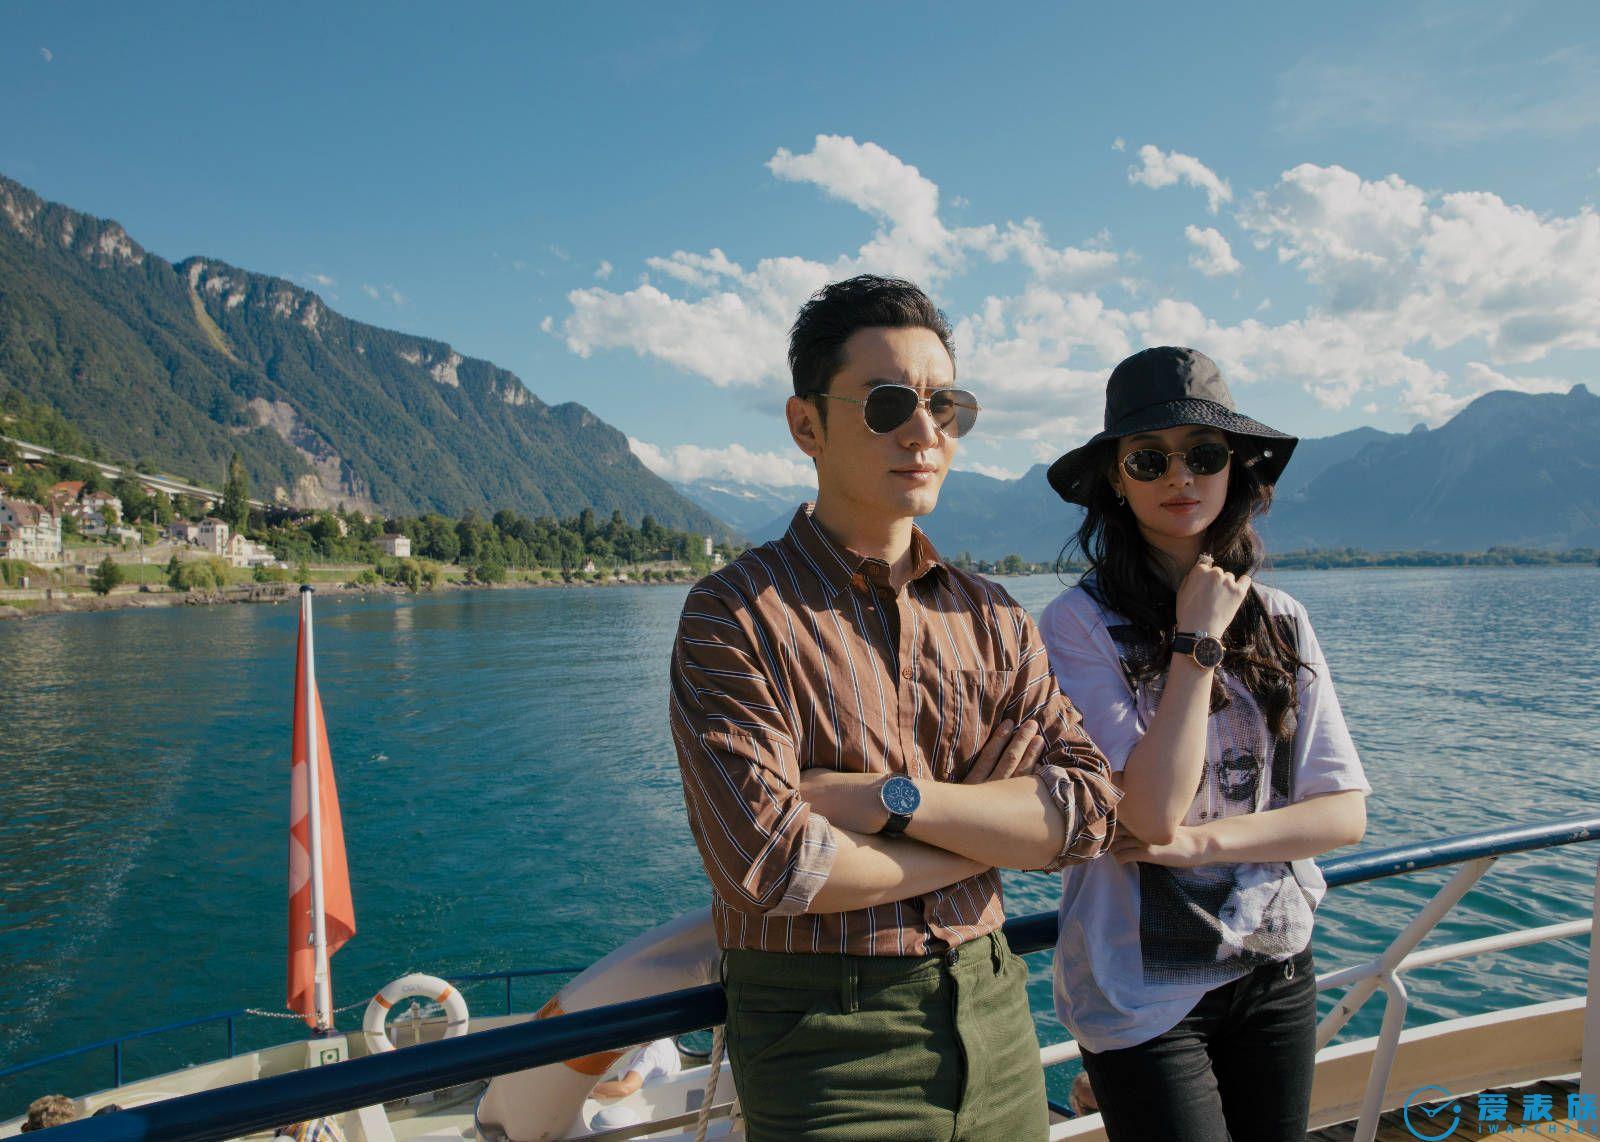 这一刻 尽享醇香 天梭表携手黄晓明和刘亦菲共赴瑞士酿酒节 以时光探索馥郁佳酿